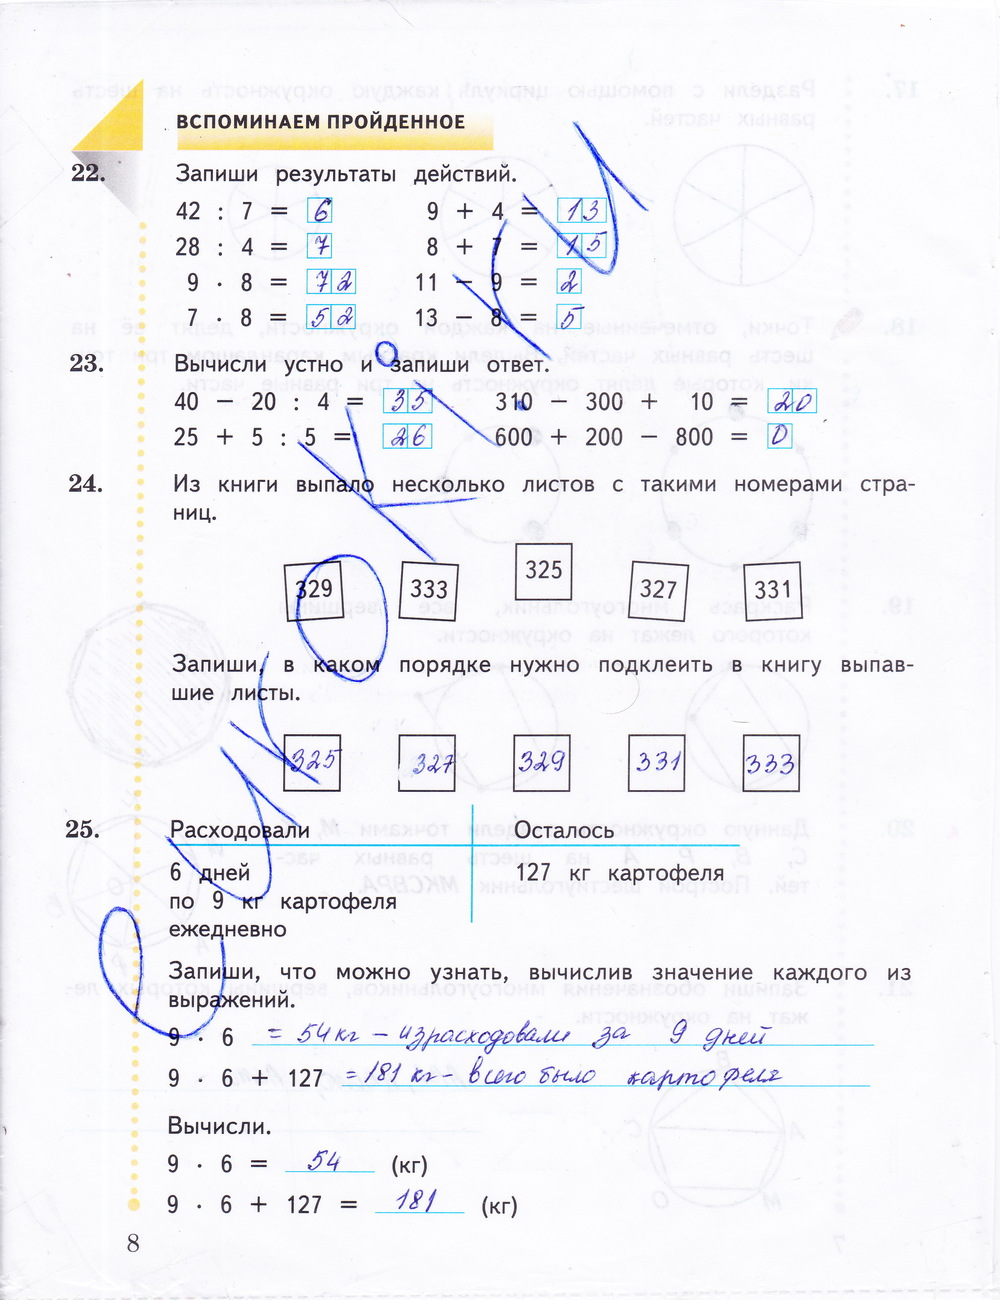 рабочая вентана решебник класс граф 2 математике тетрадь по